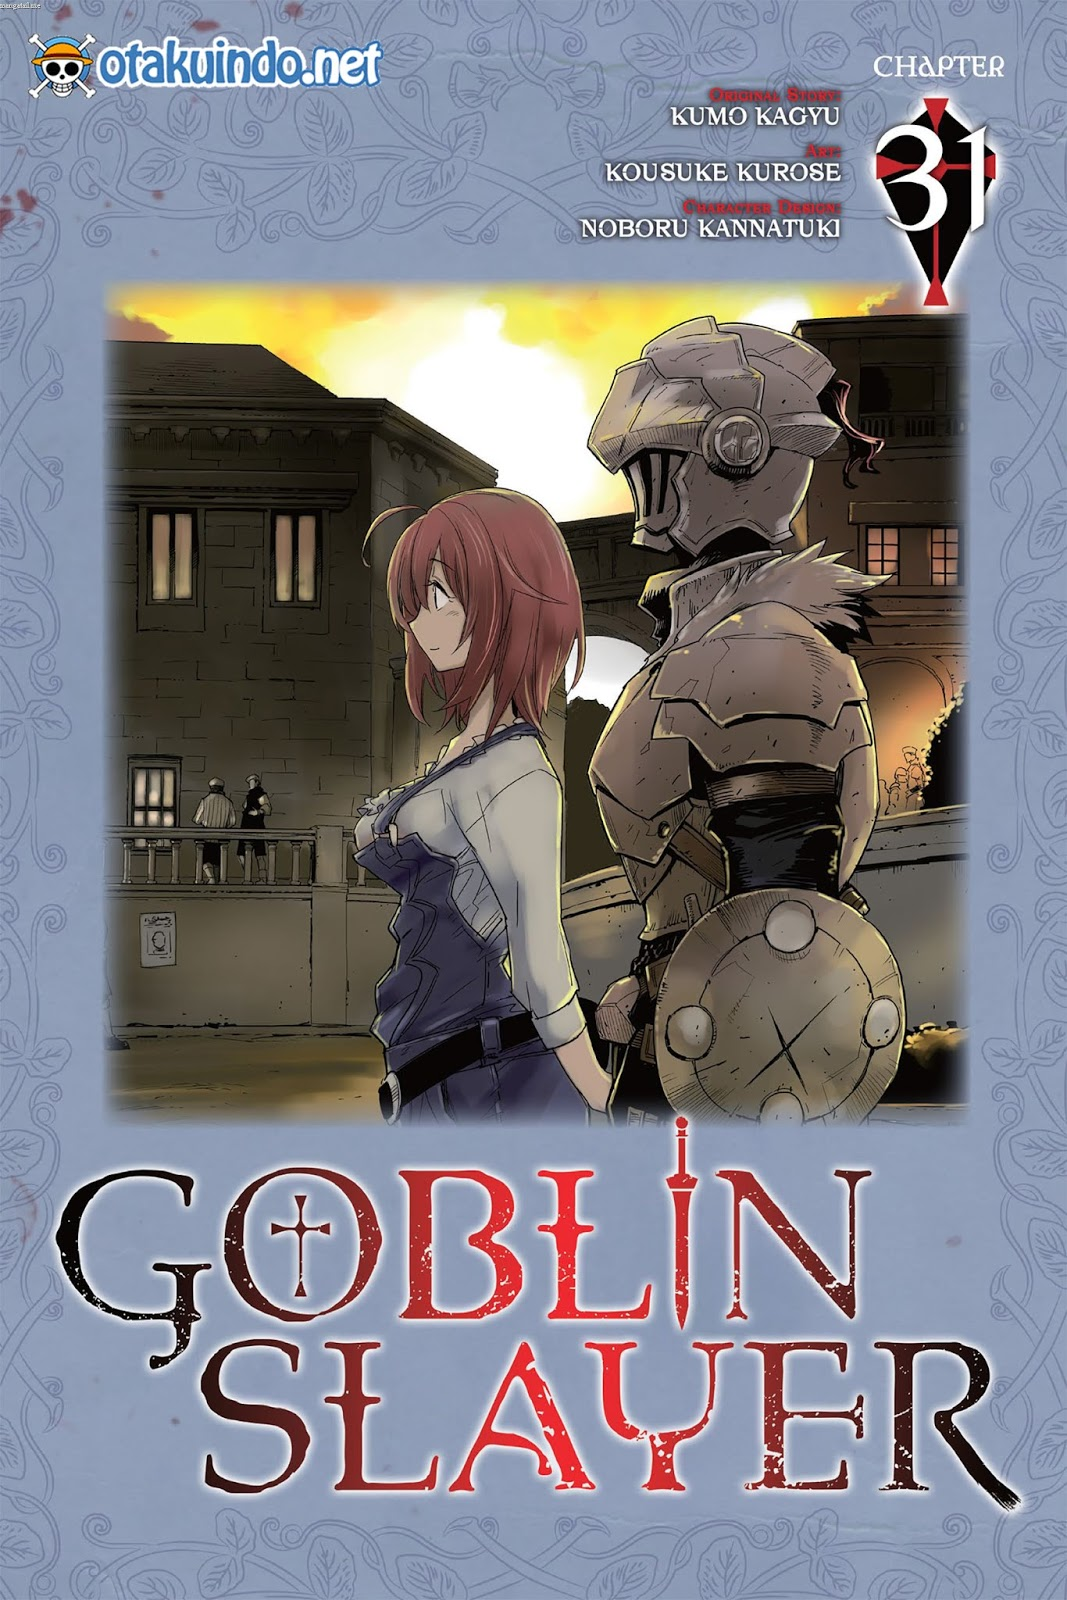 Goblin Slayer Chapter 31-2